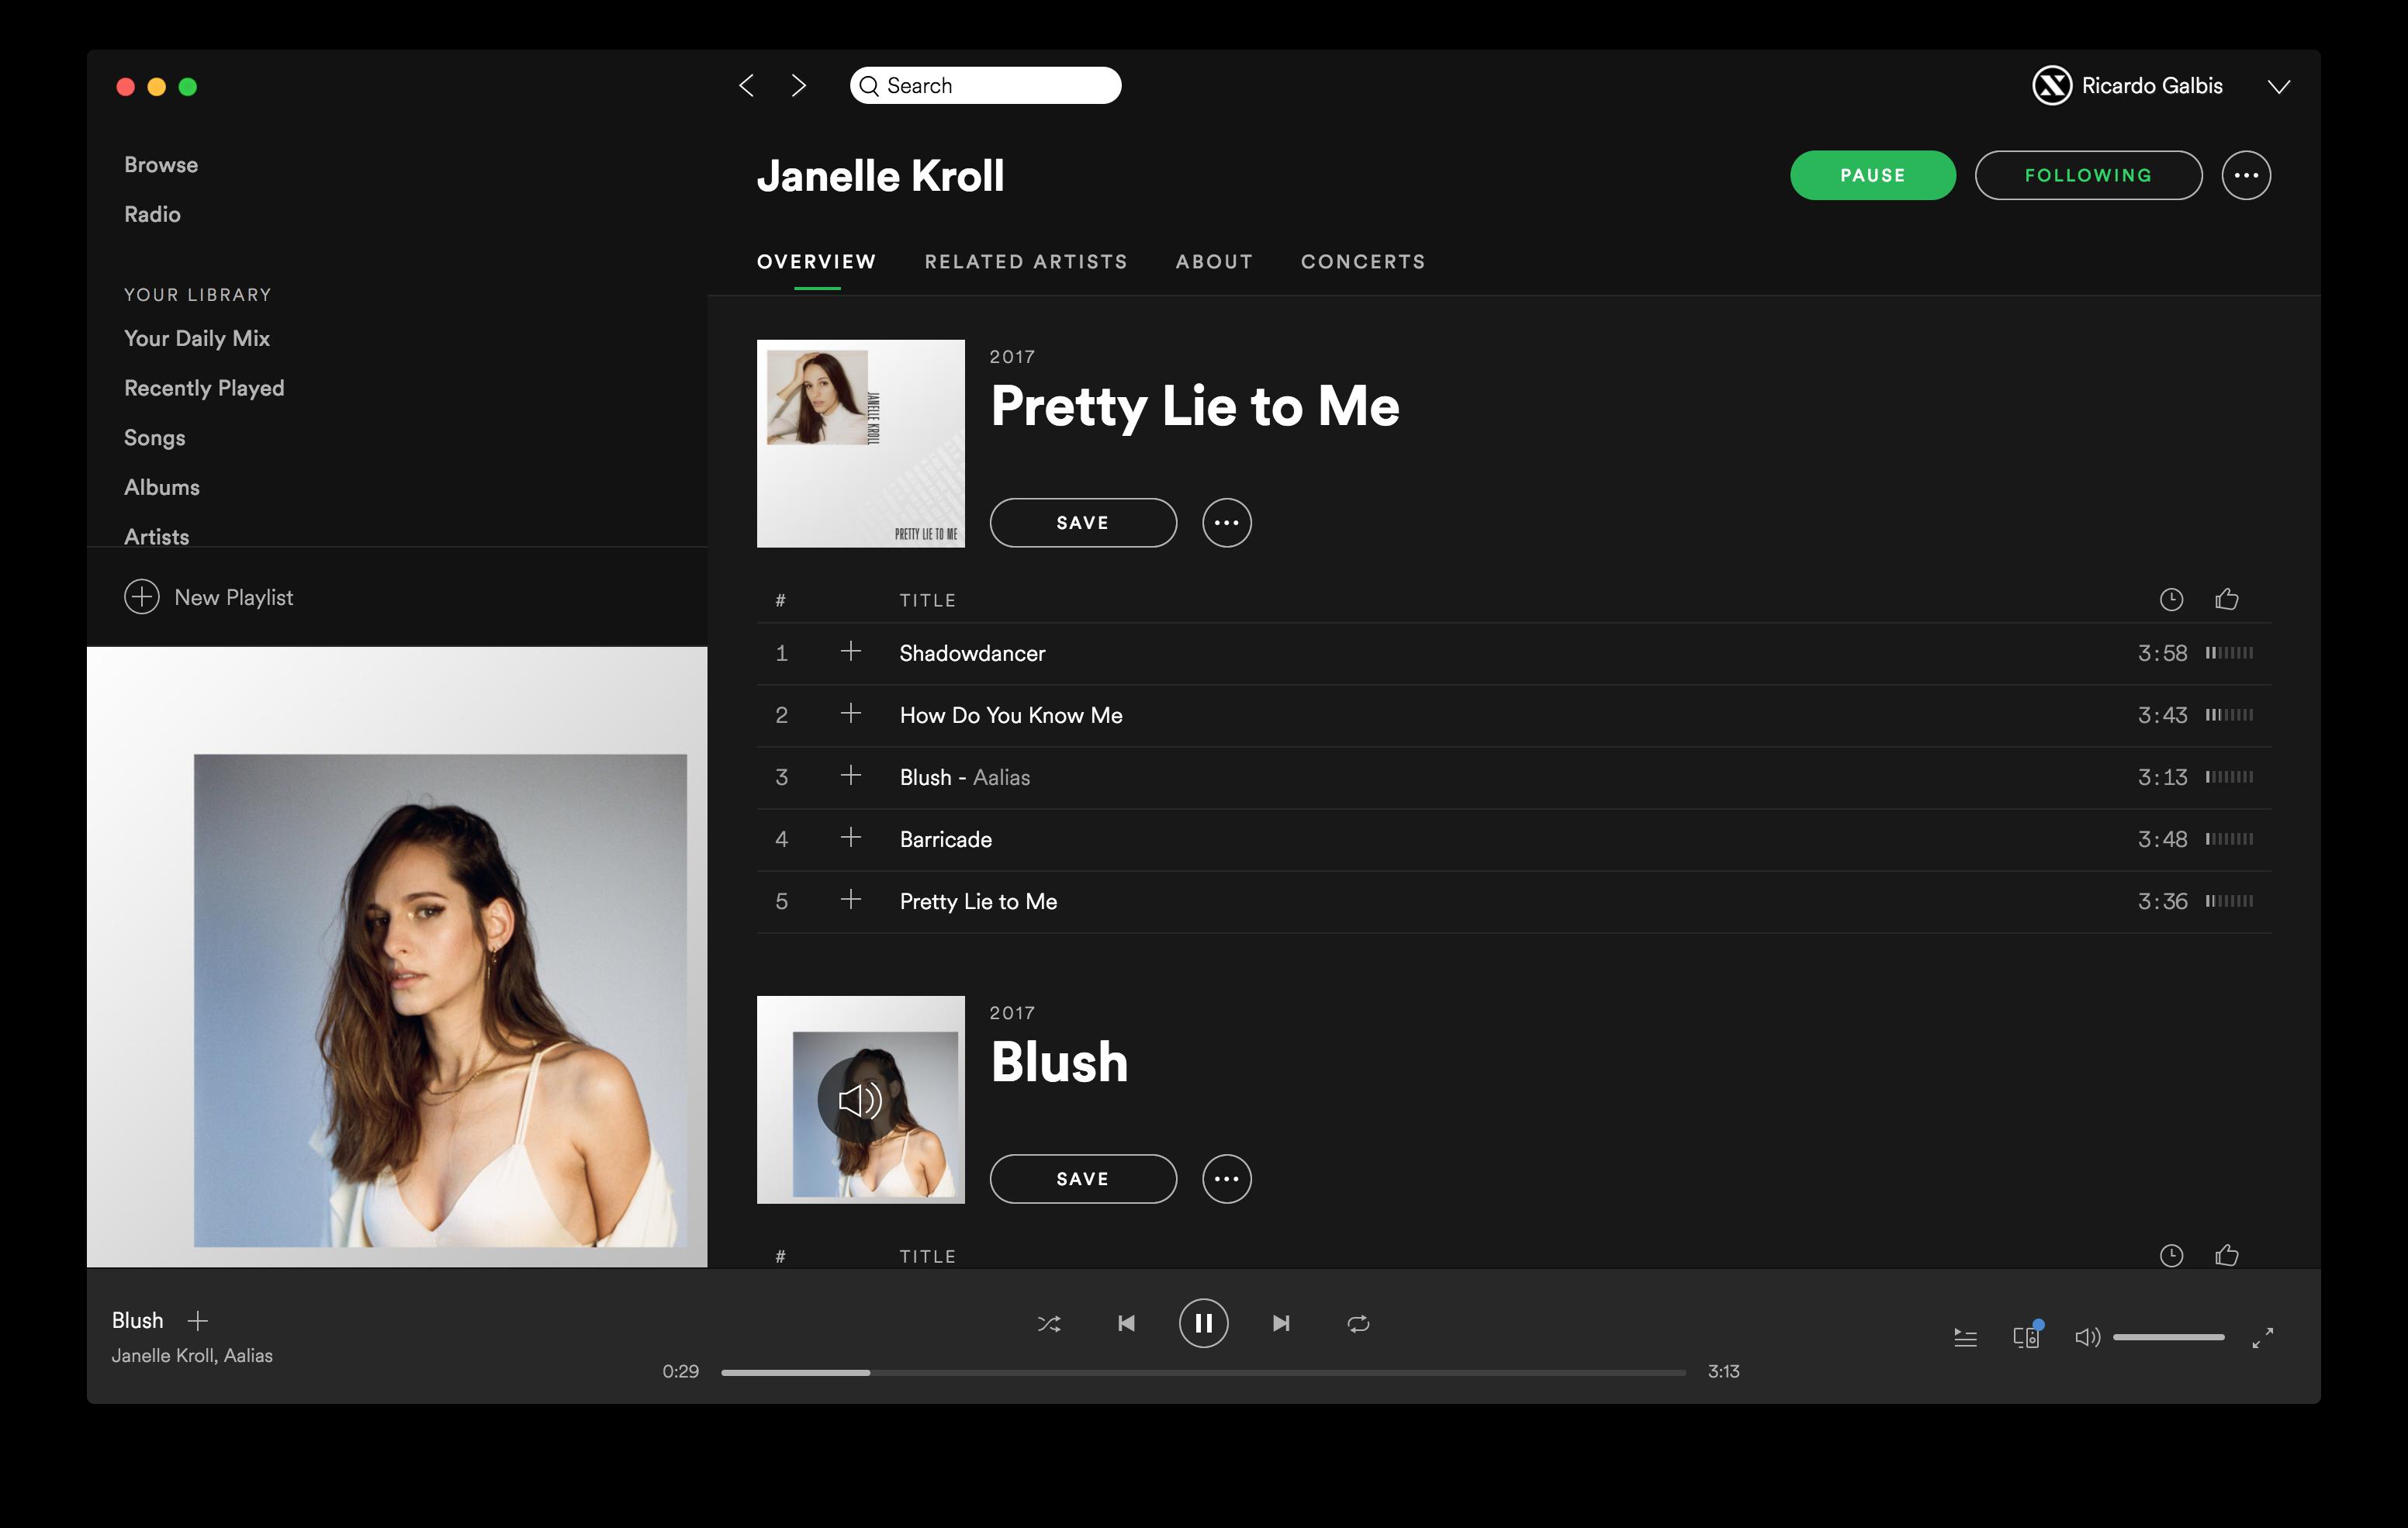 Janelle Kroll on Spotify